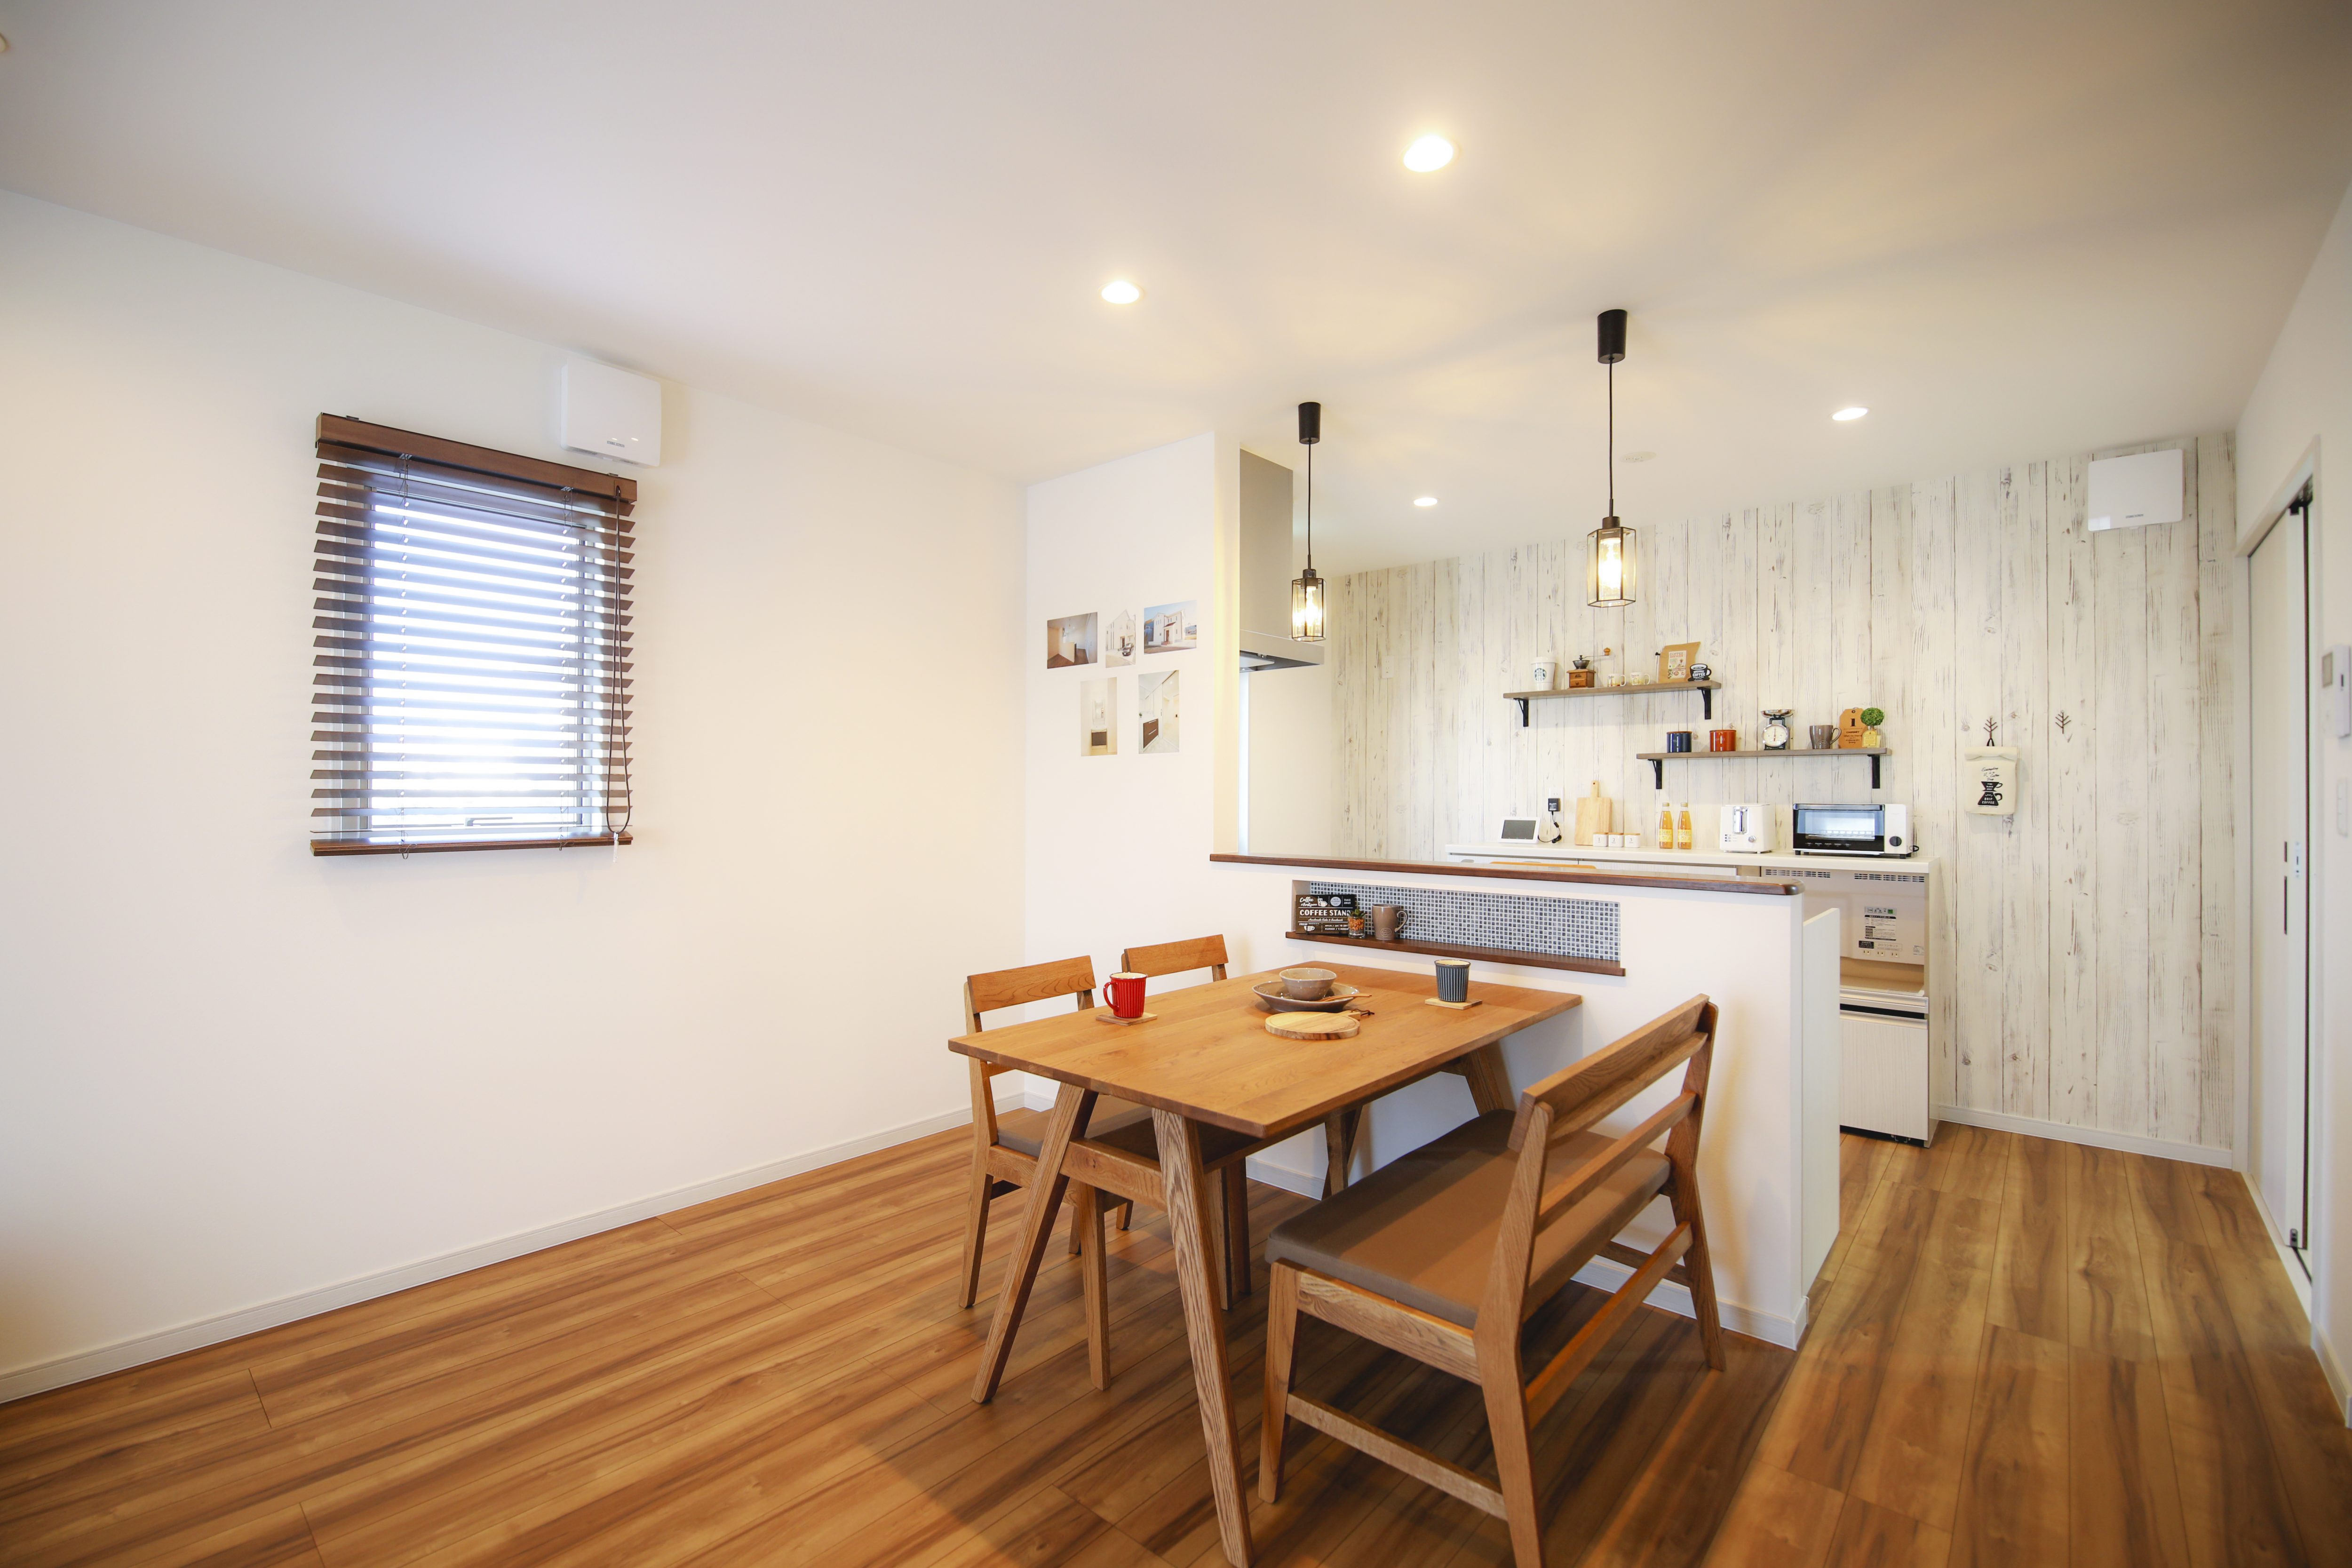 暖かな雰囲気の対面式キッチン